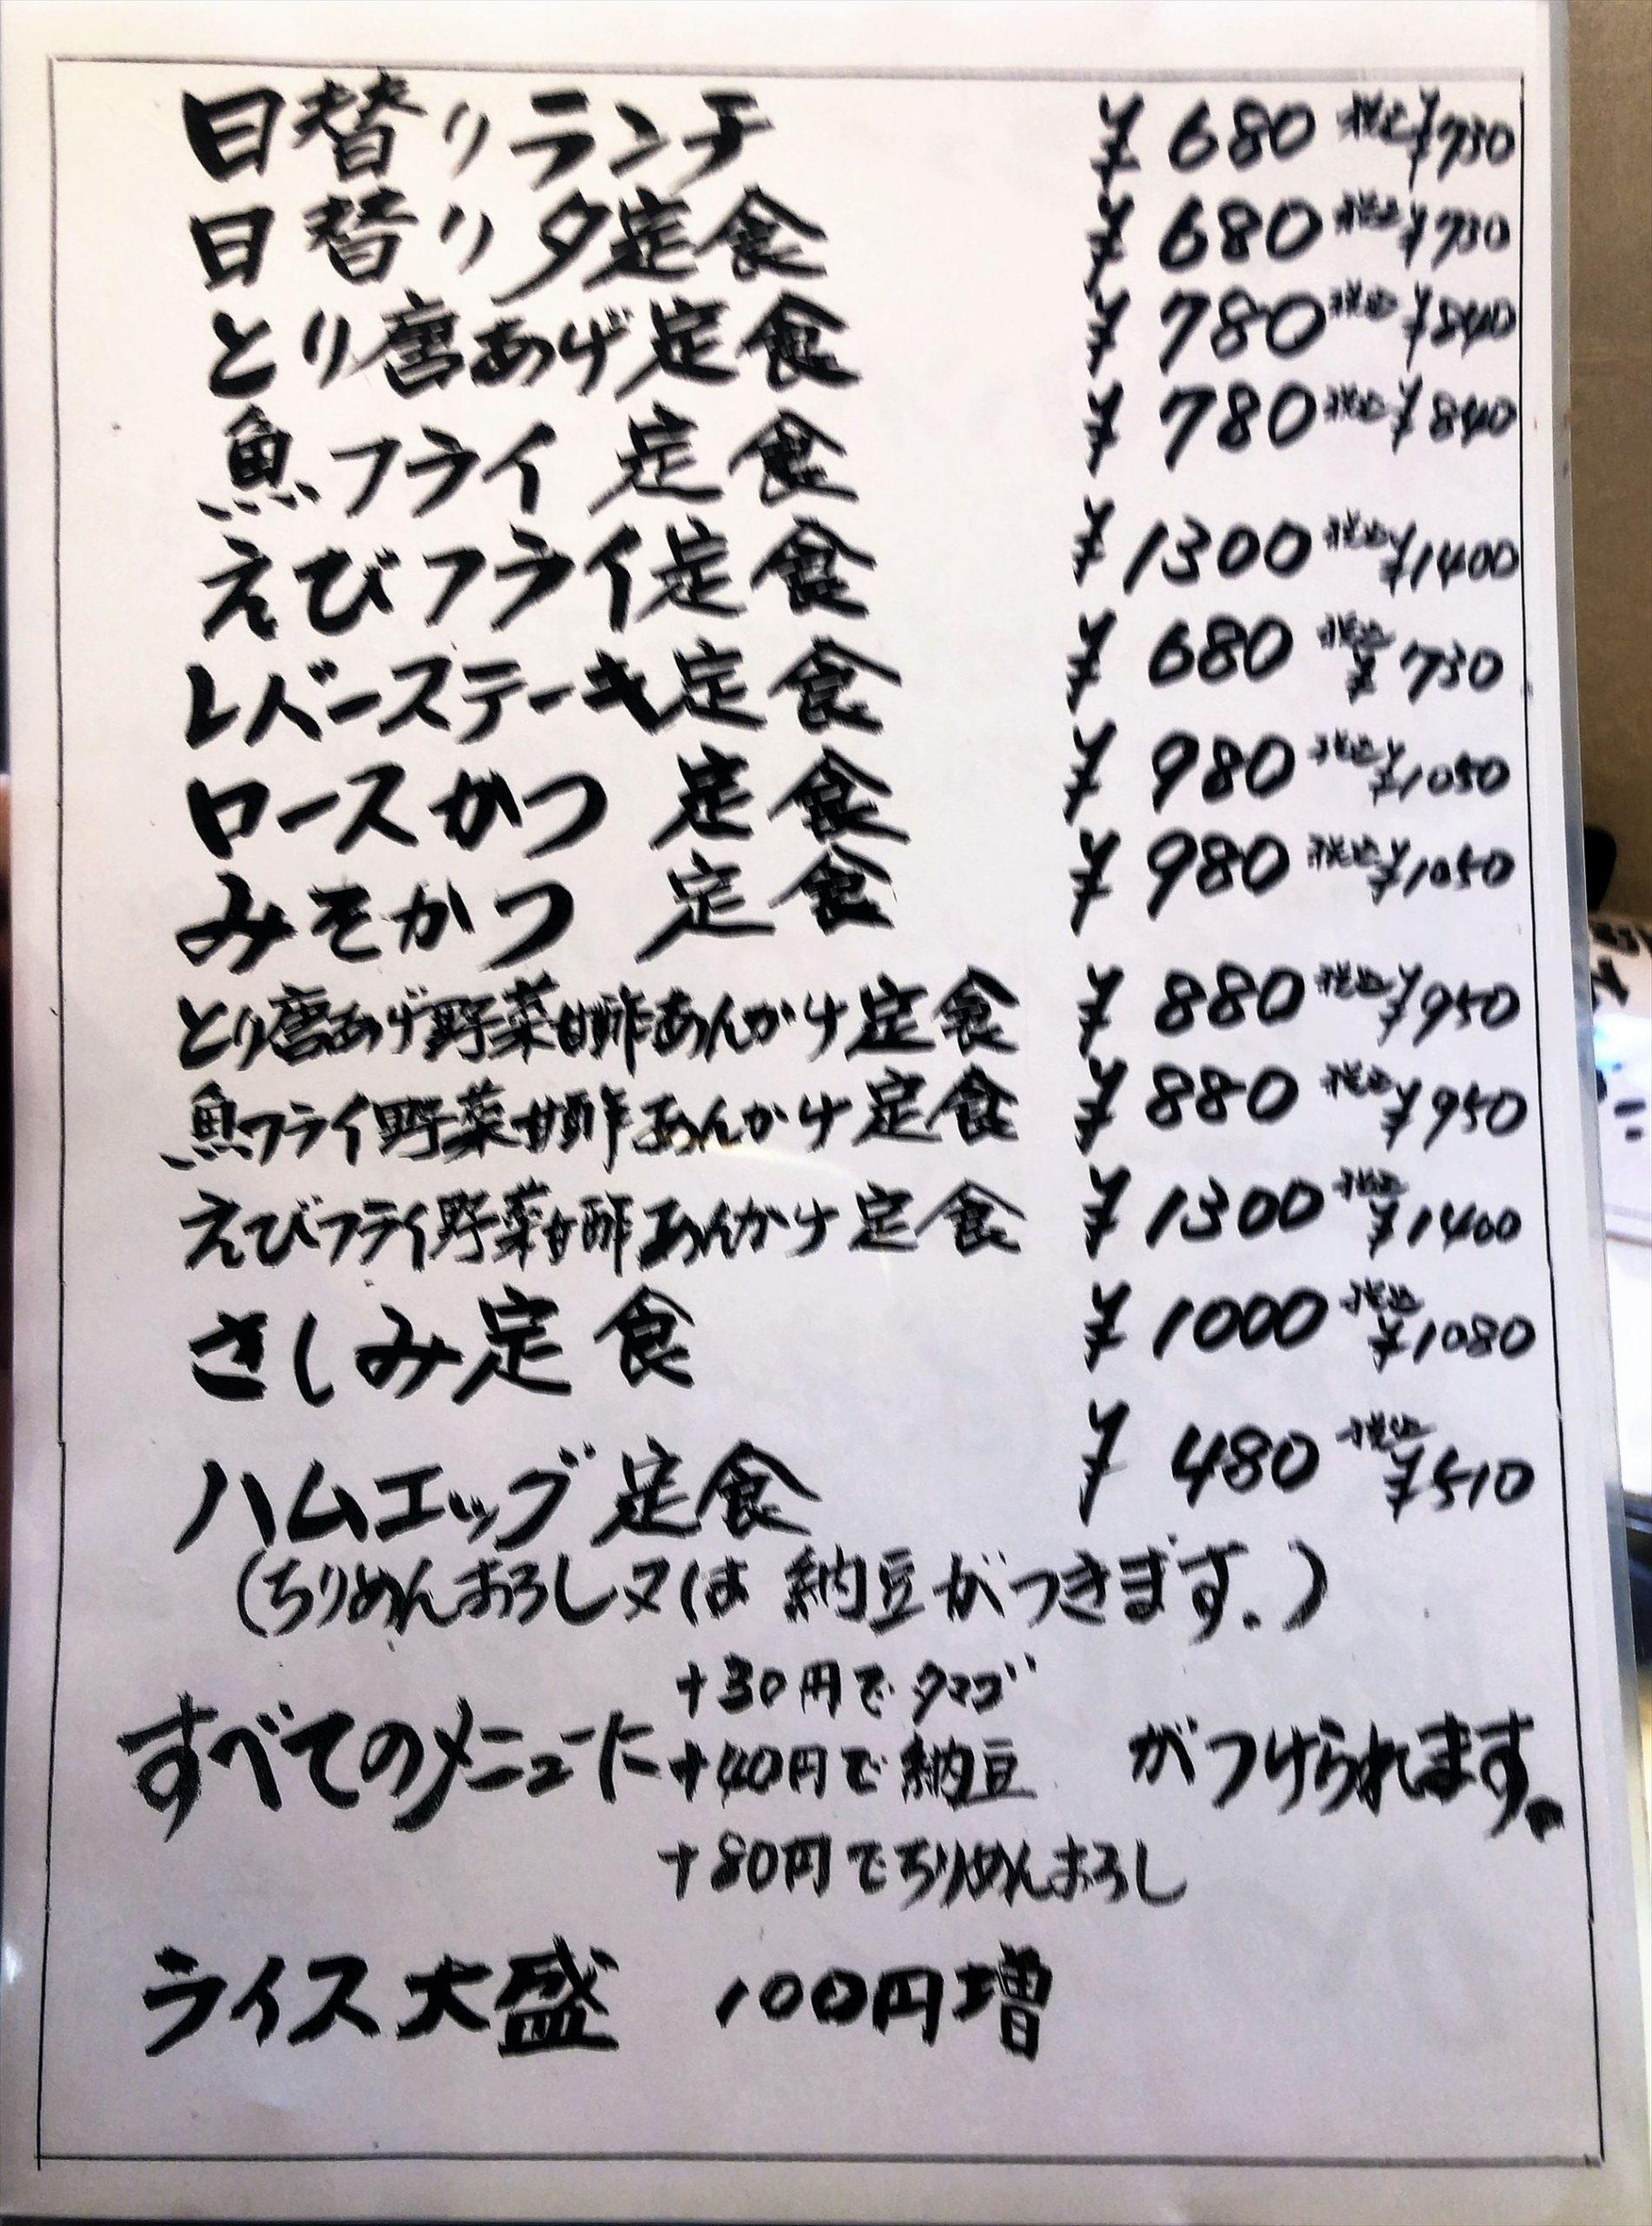 定食の店 五郎八のメニュー